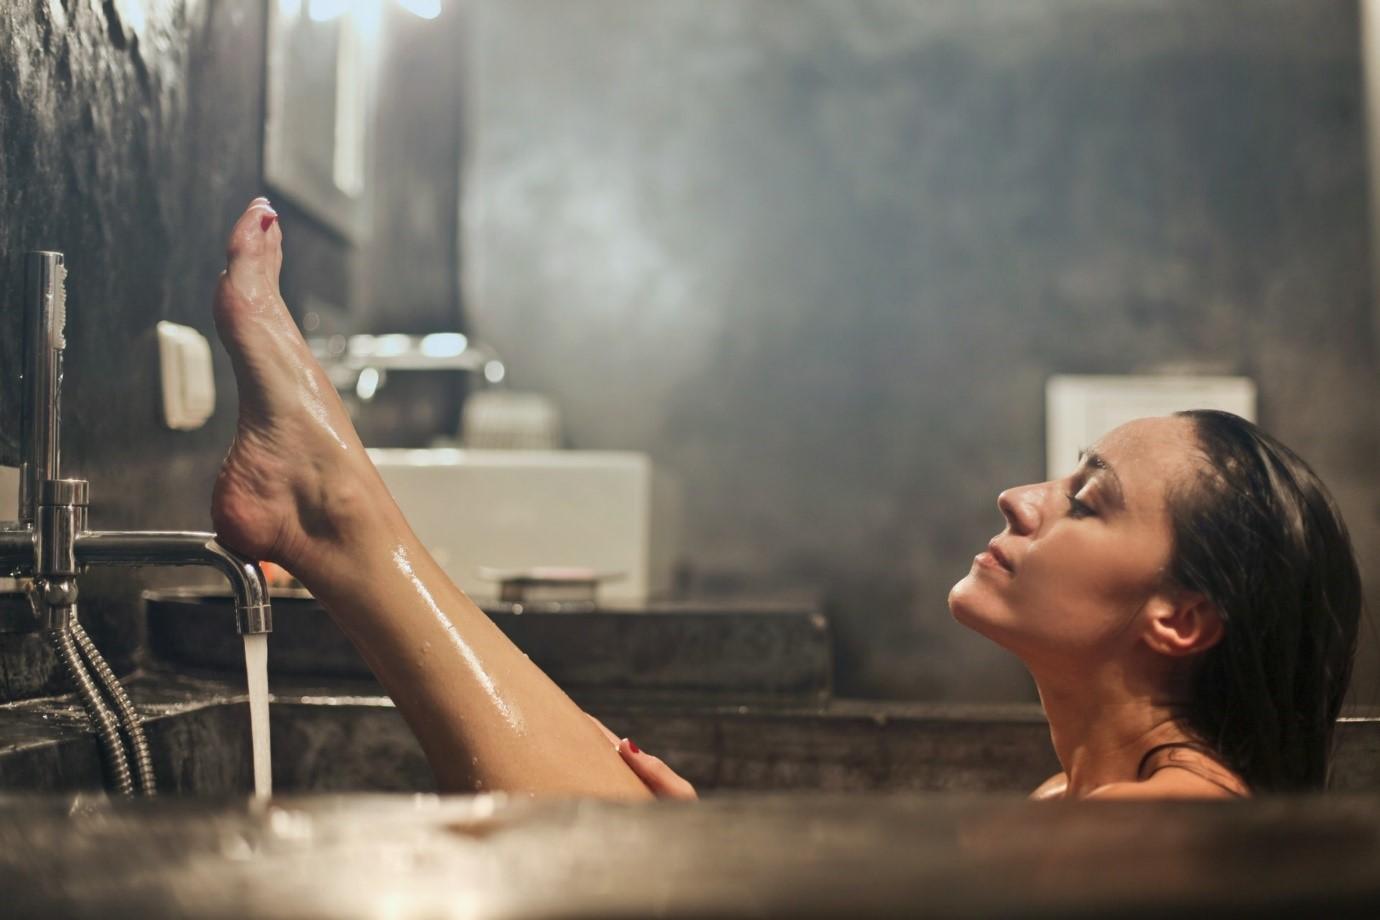 un baño de burbujas es una experiencia relajante